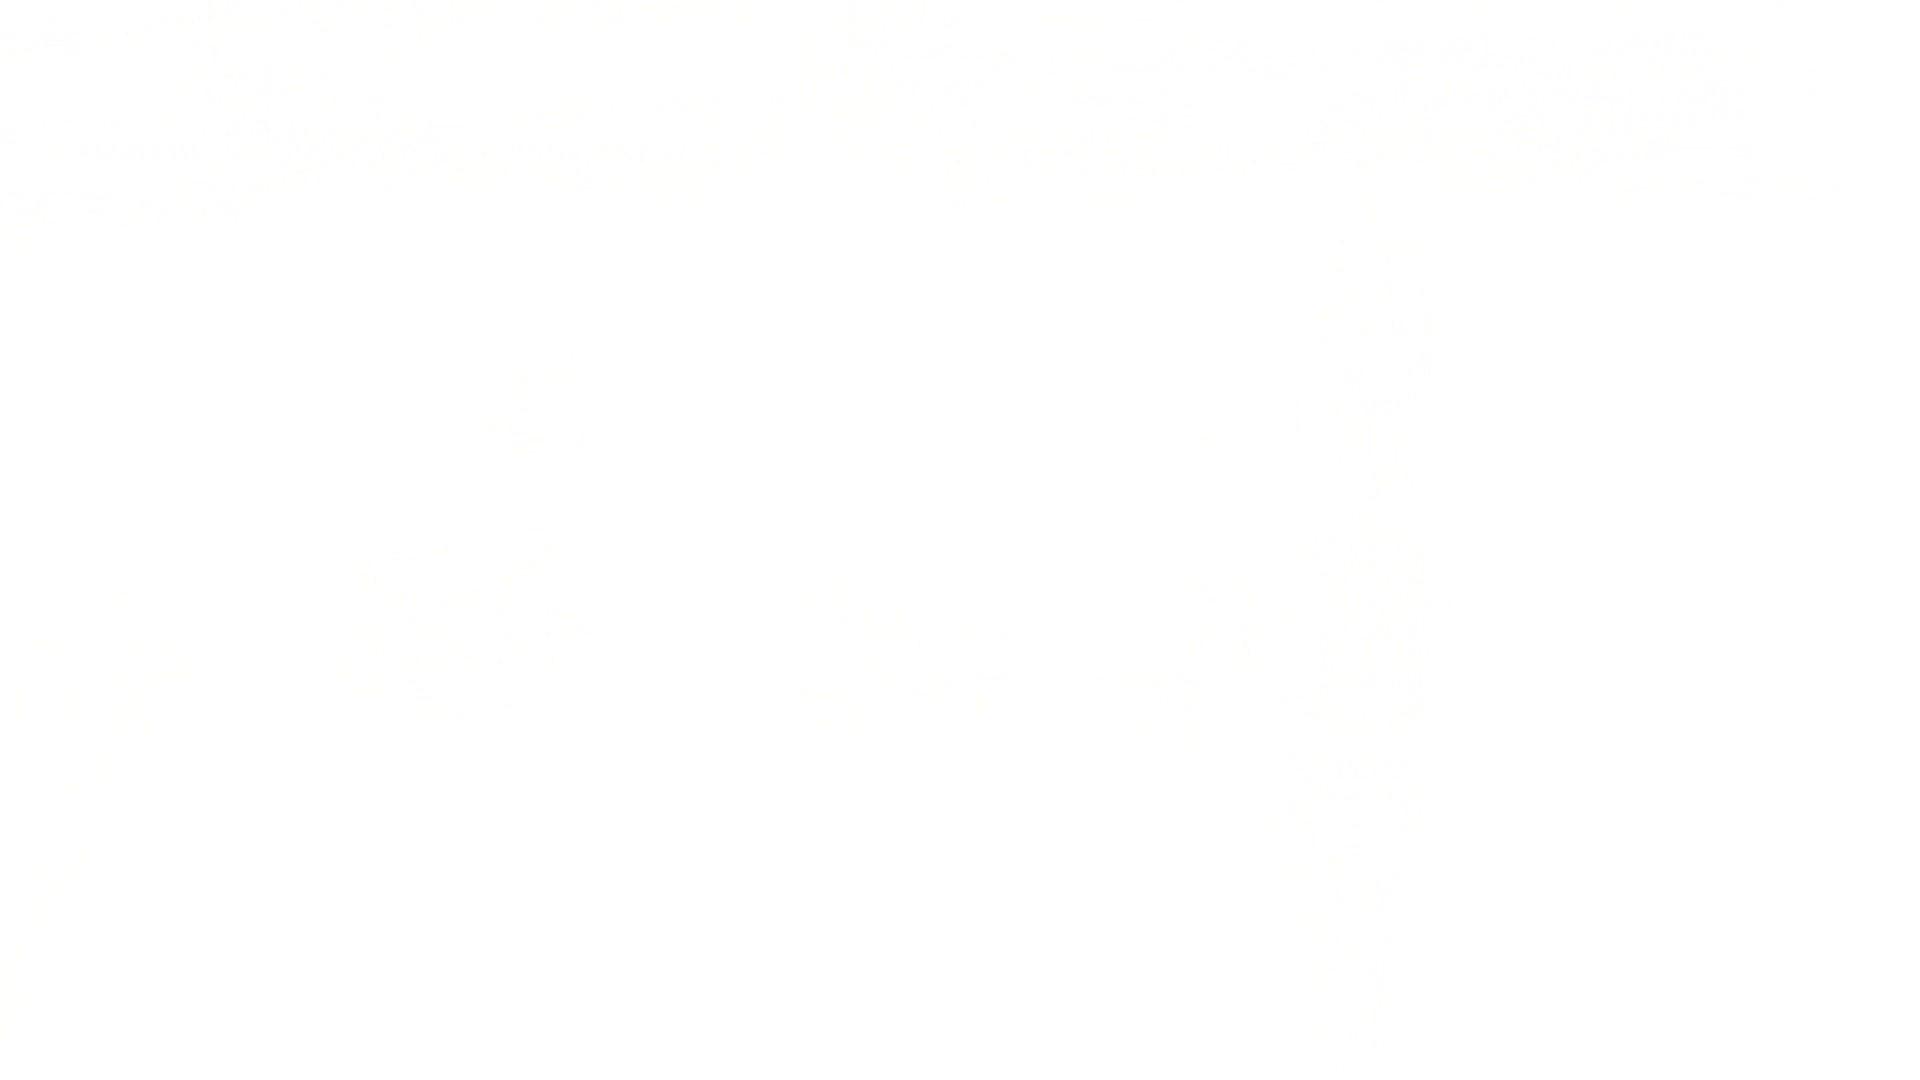 ※100個限定販売 至高下半身盗撮 プレミアム Vol.8 ハイビジョン ギャル達 ぱこり動画紹介 100枚 14